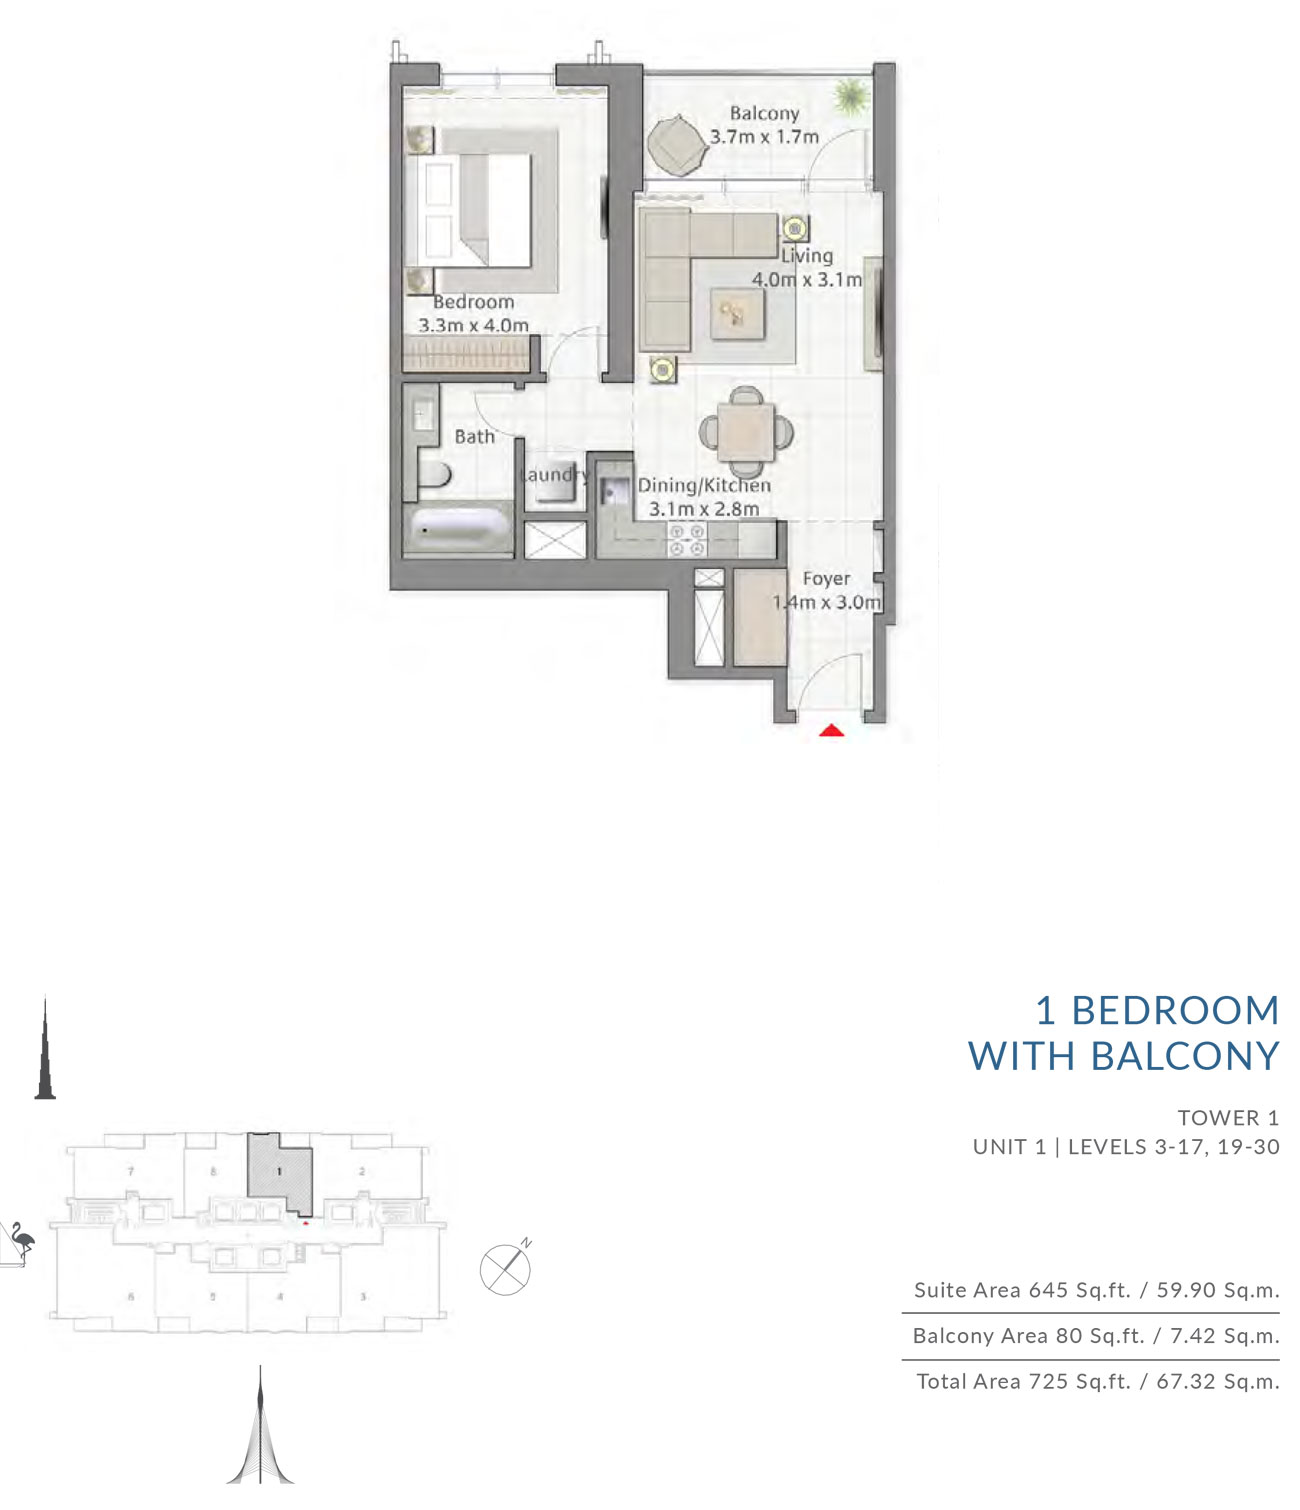 Floor-Plan-1BR T1 U1